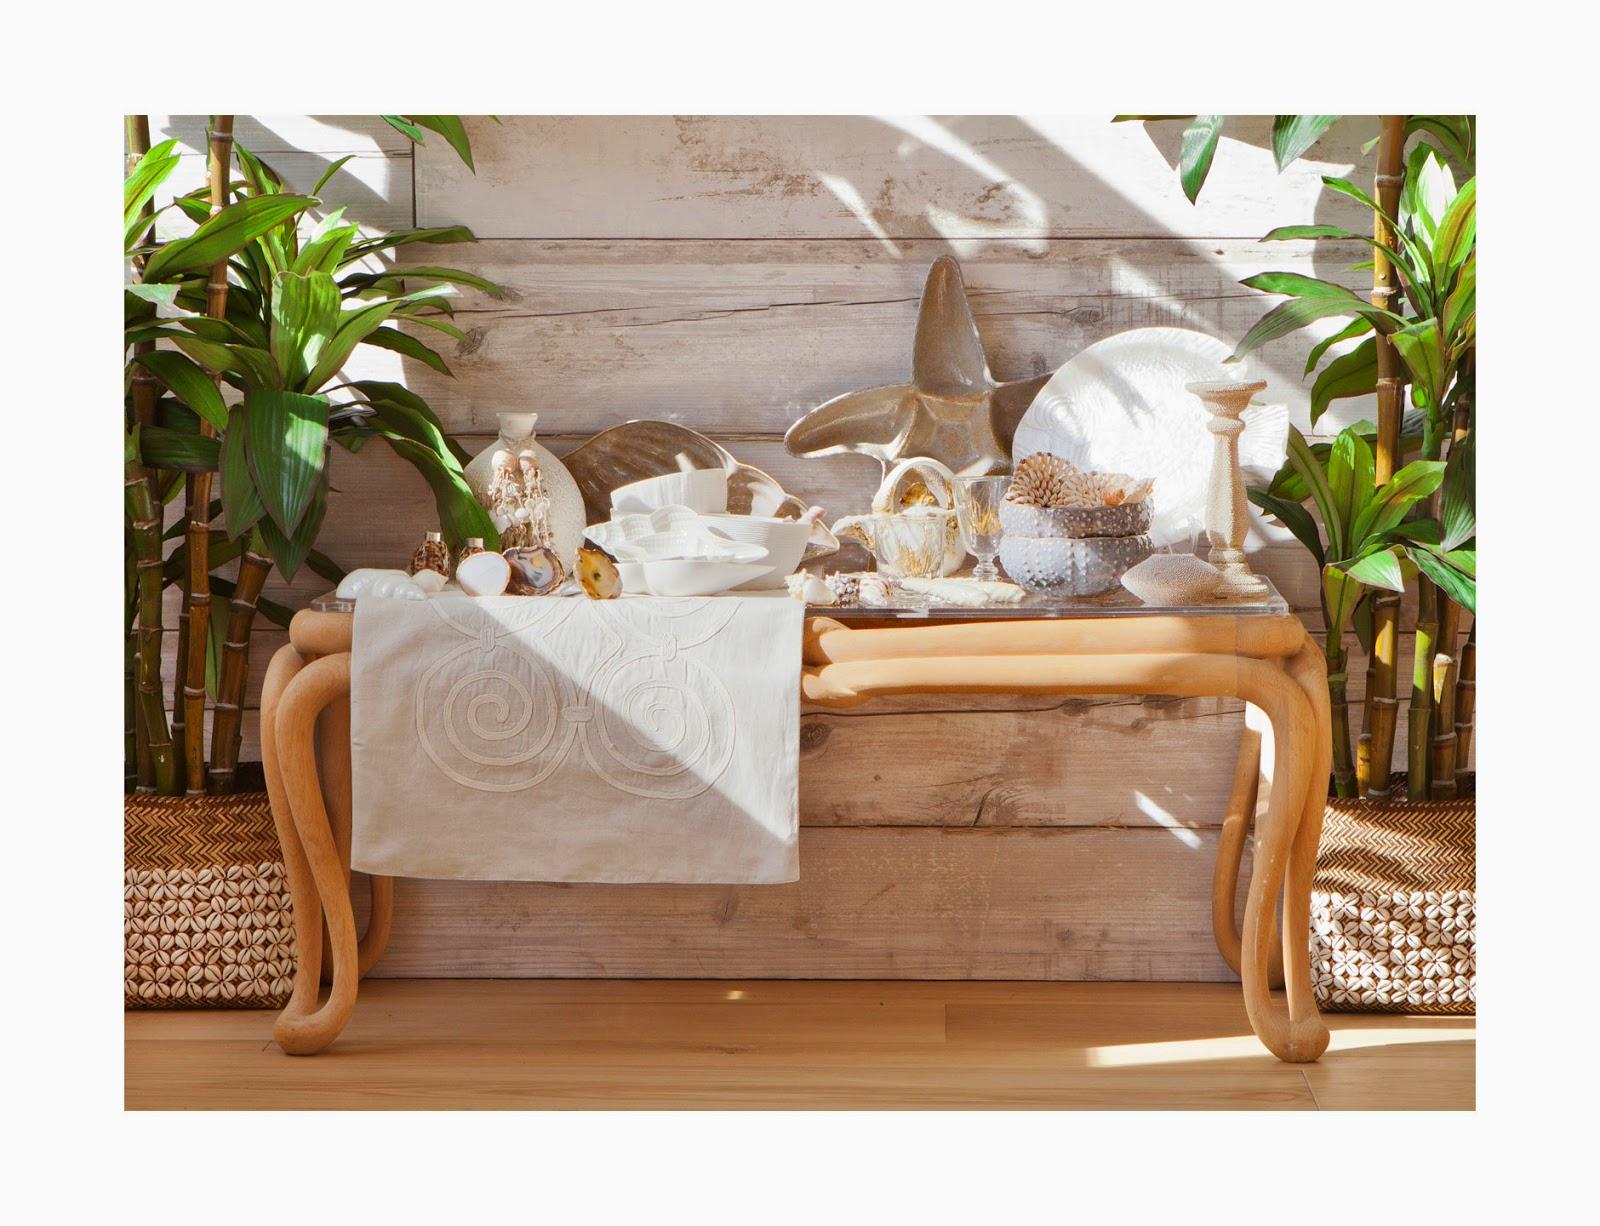 ZARAHOME: madera clara, lino y elementos decorativos blancos